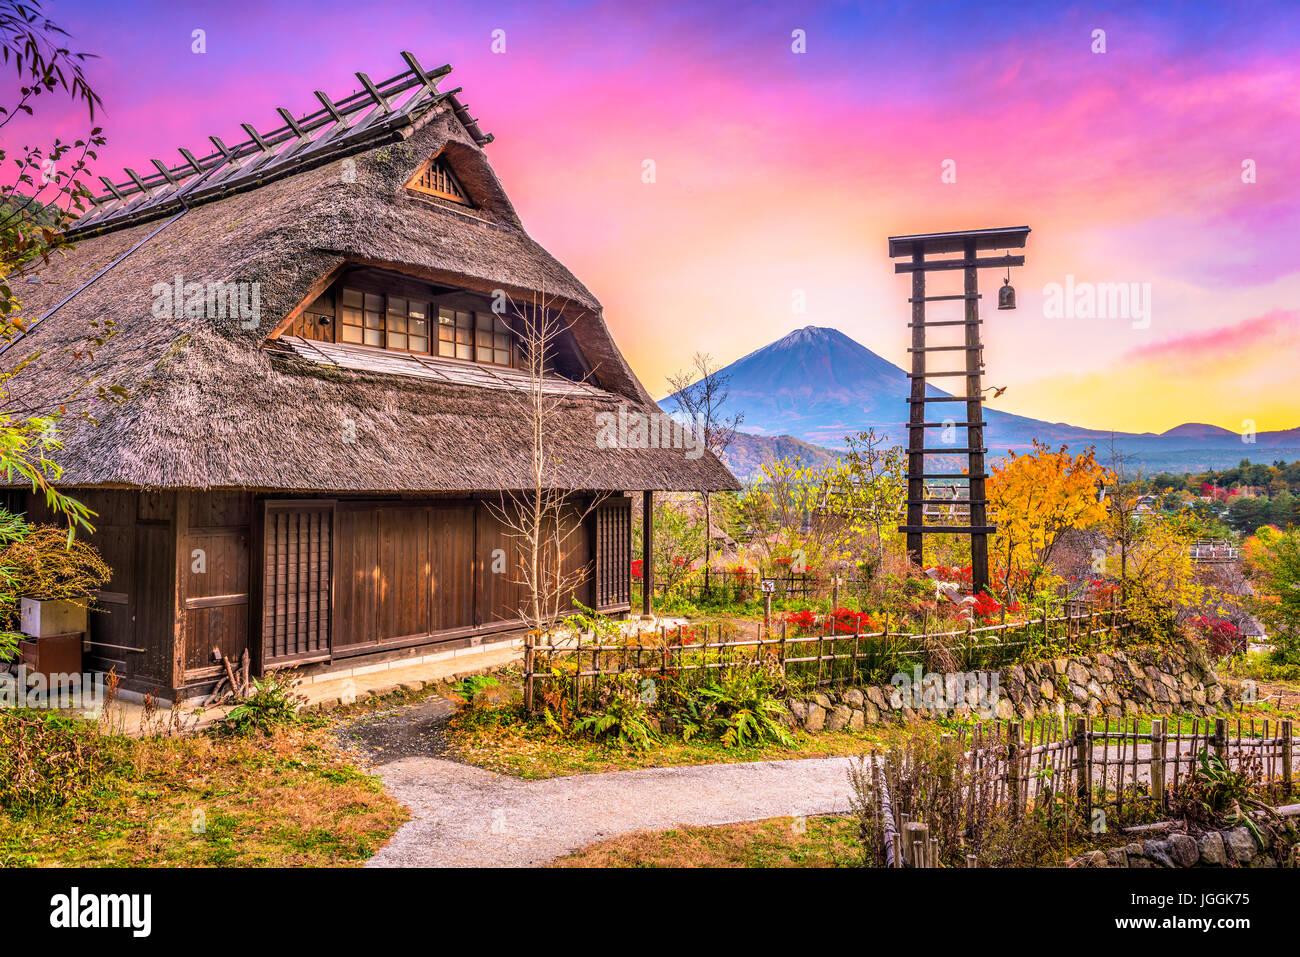 Mt. Fuji, Giappone con villaggio storico Iyashi no Sato durante l'autunno Immagini Stock